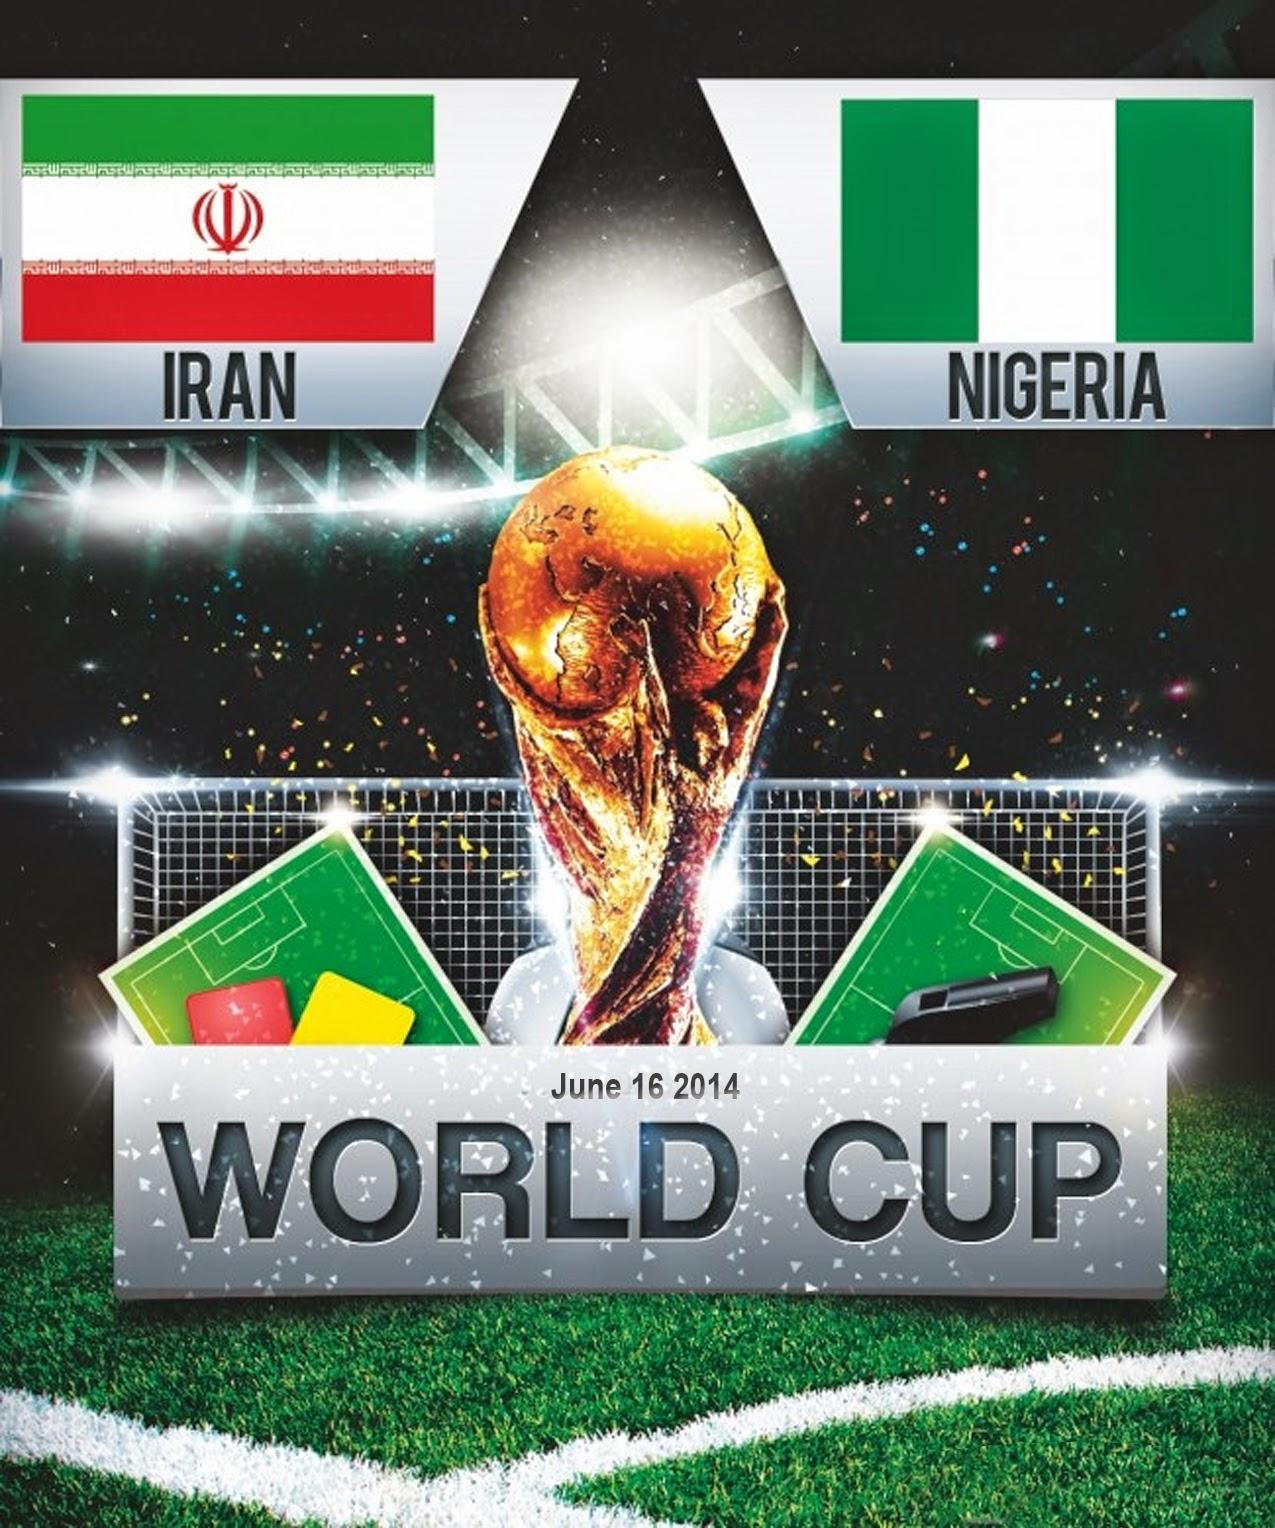 FIFA World Cup 2014 - Iran Vs Nigeria